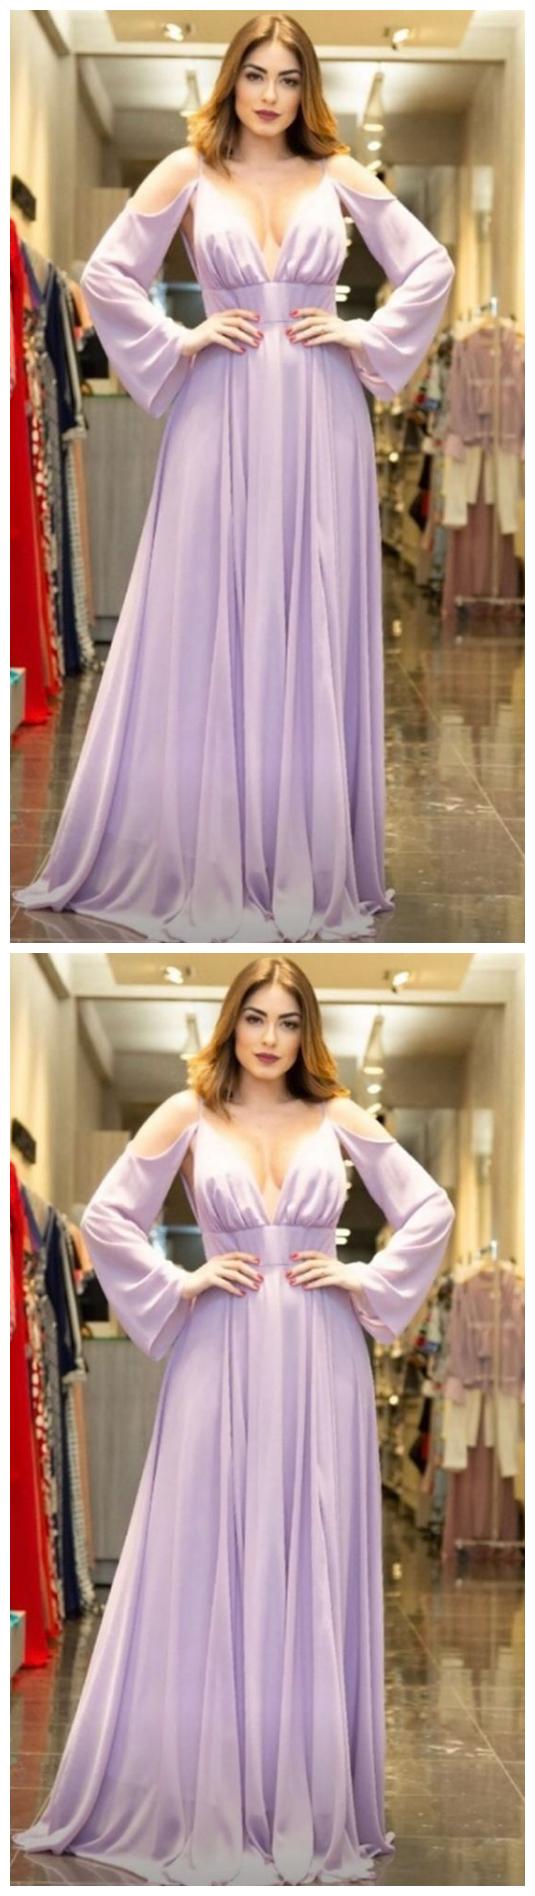 Simple chiffon prom dress ,formal prom dress